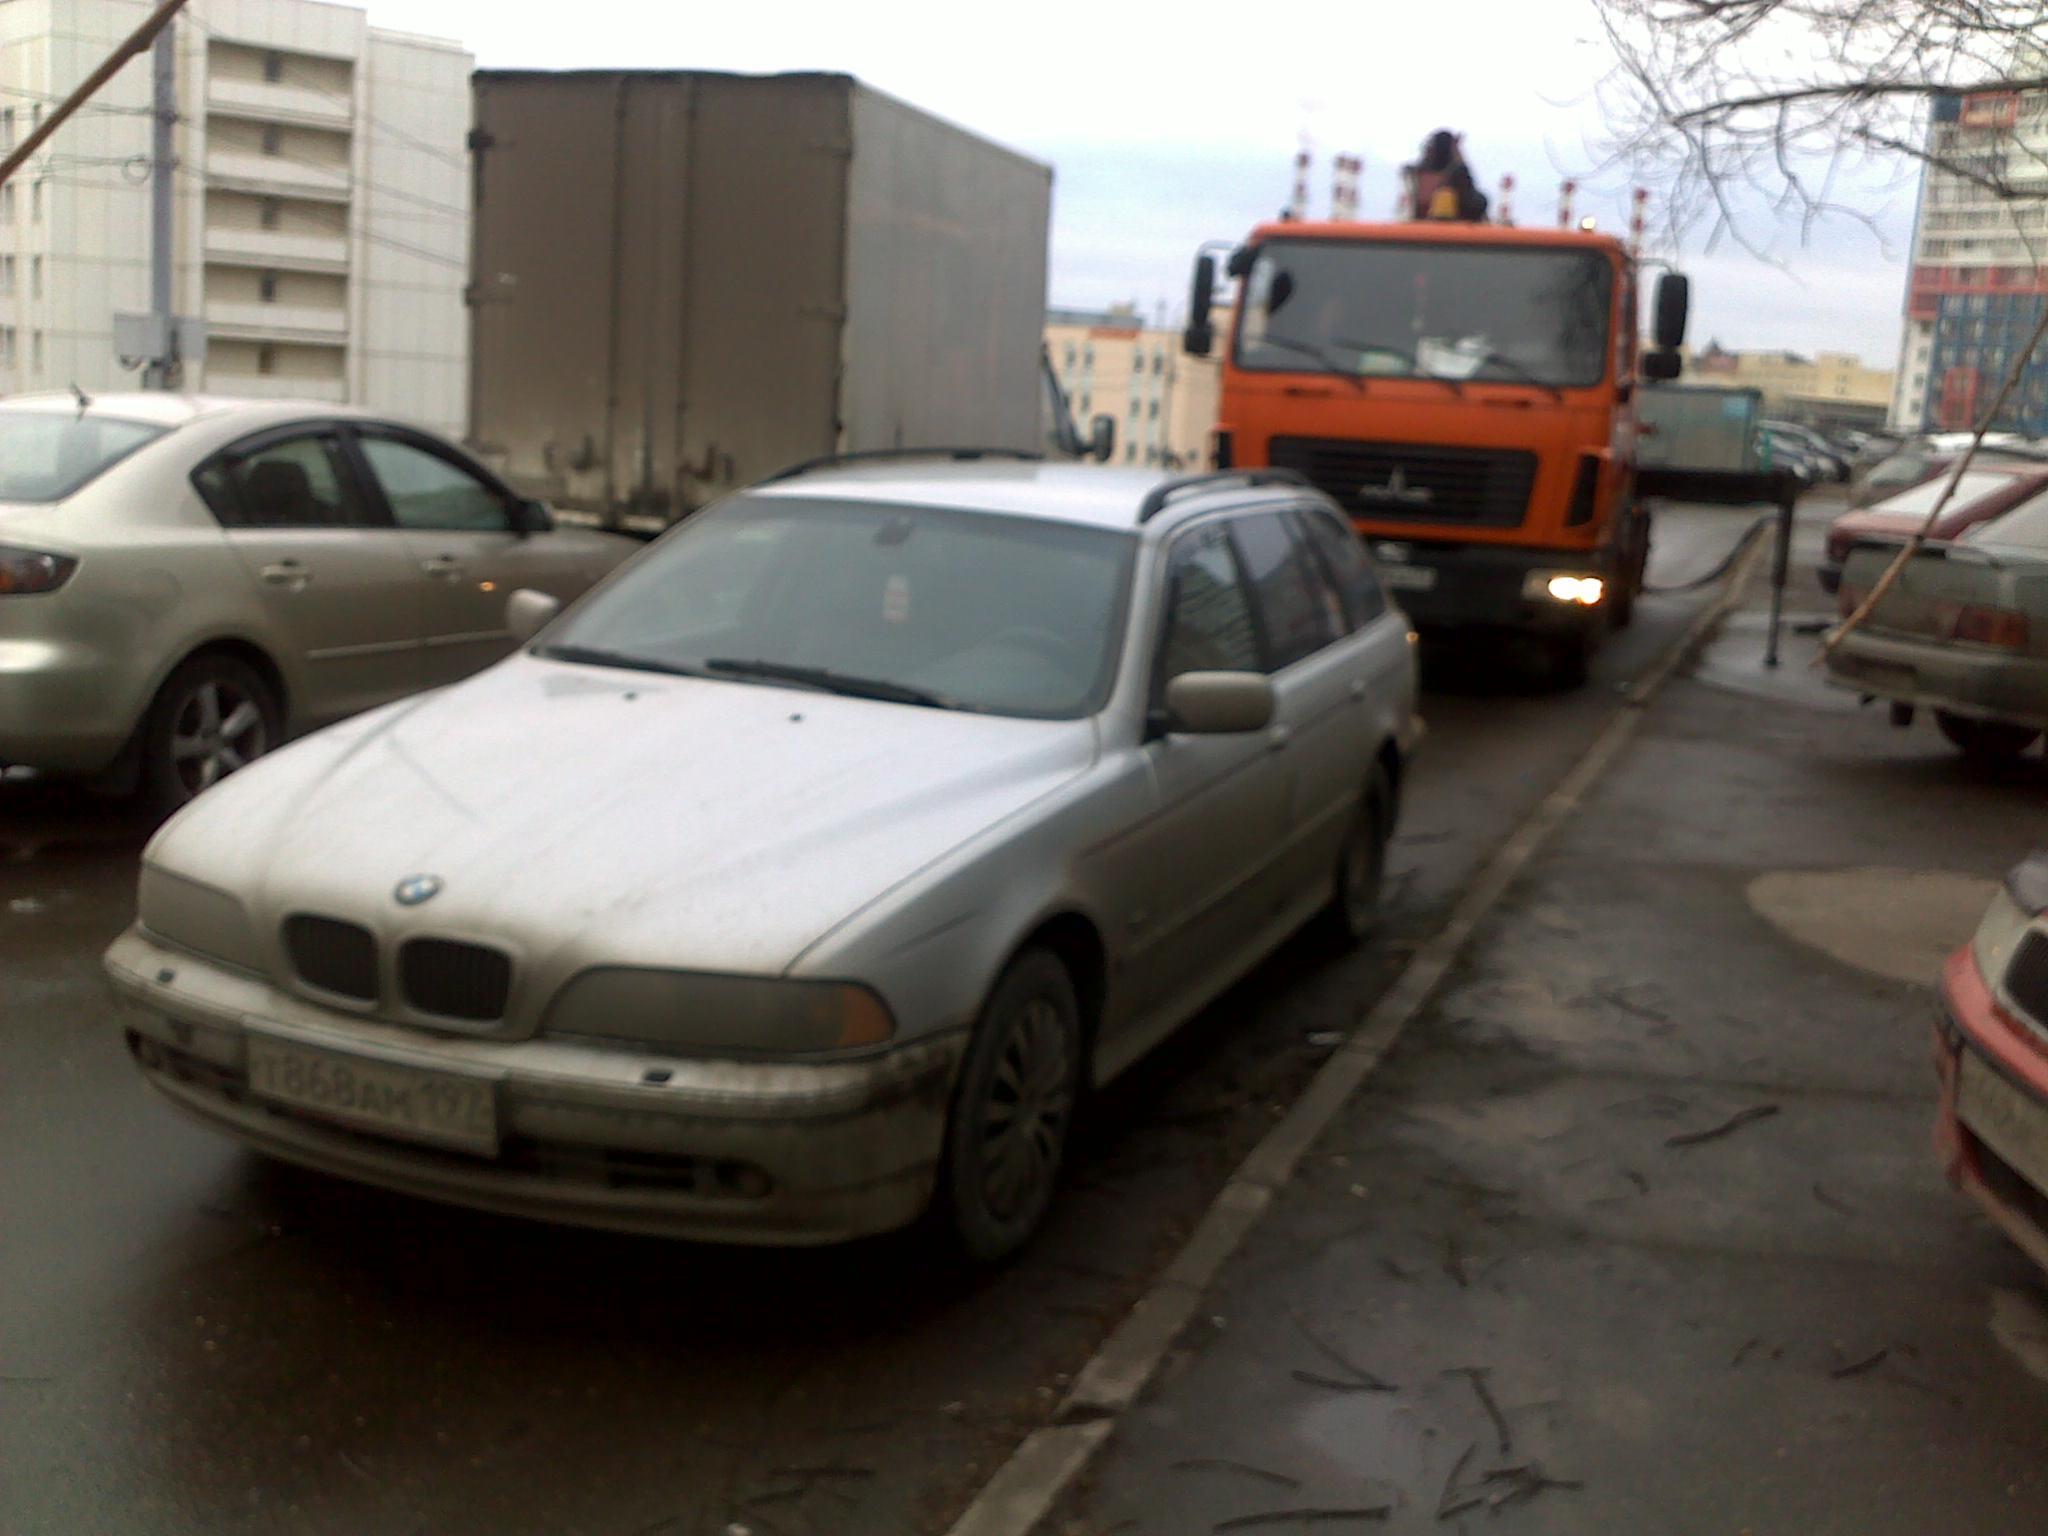 Фото-фиксация (фото 5) момента попытки должностных лиц правительства Москвы злоупотребления юридическими полномочиями.